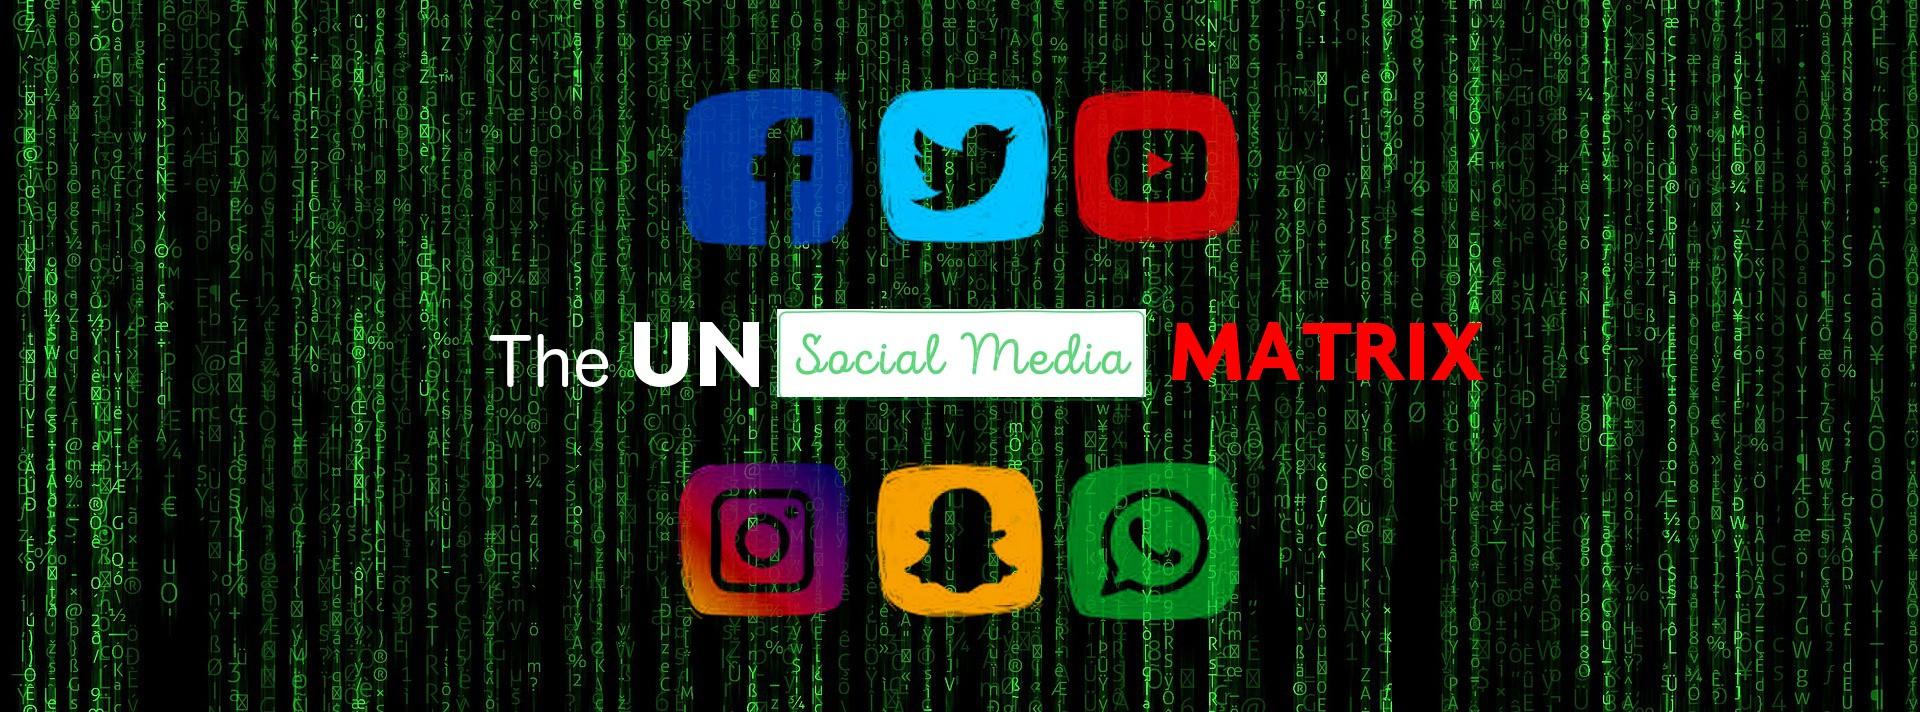 /the-unsocial-media-matrix-afa412f84e6b feature image